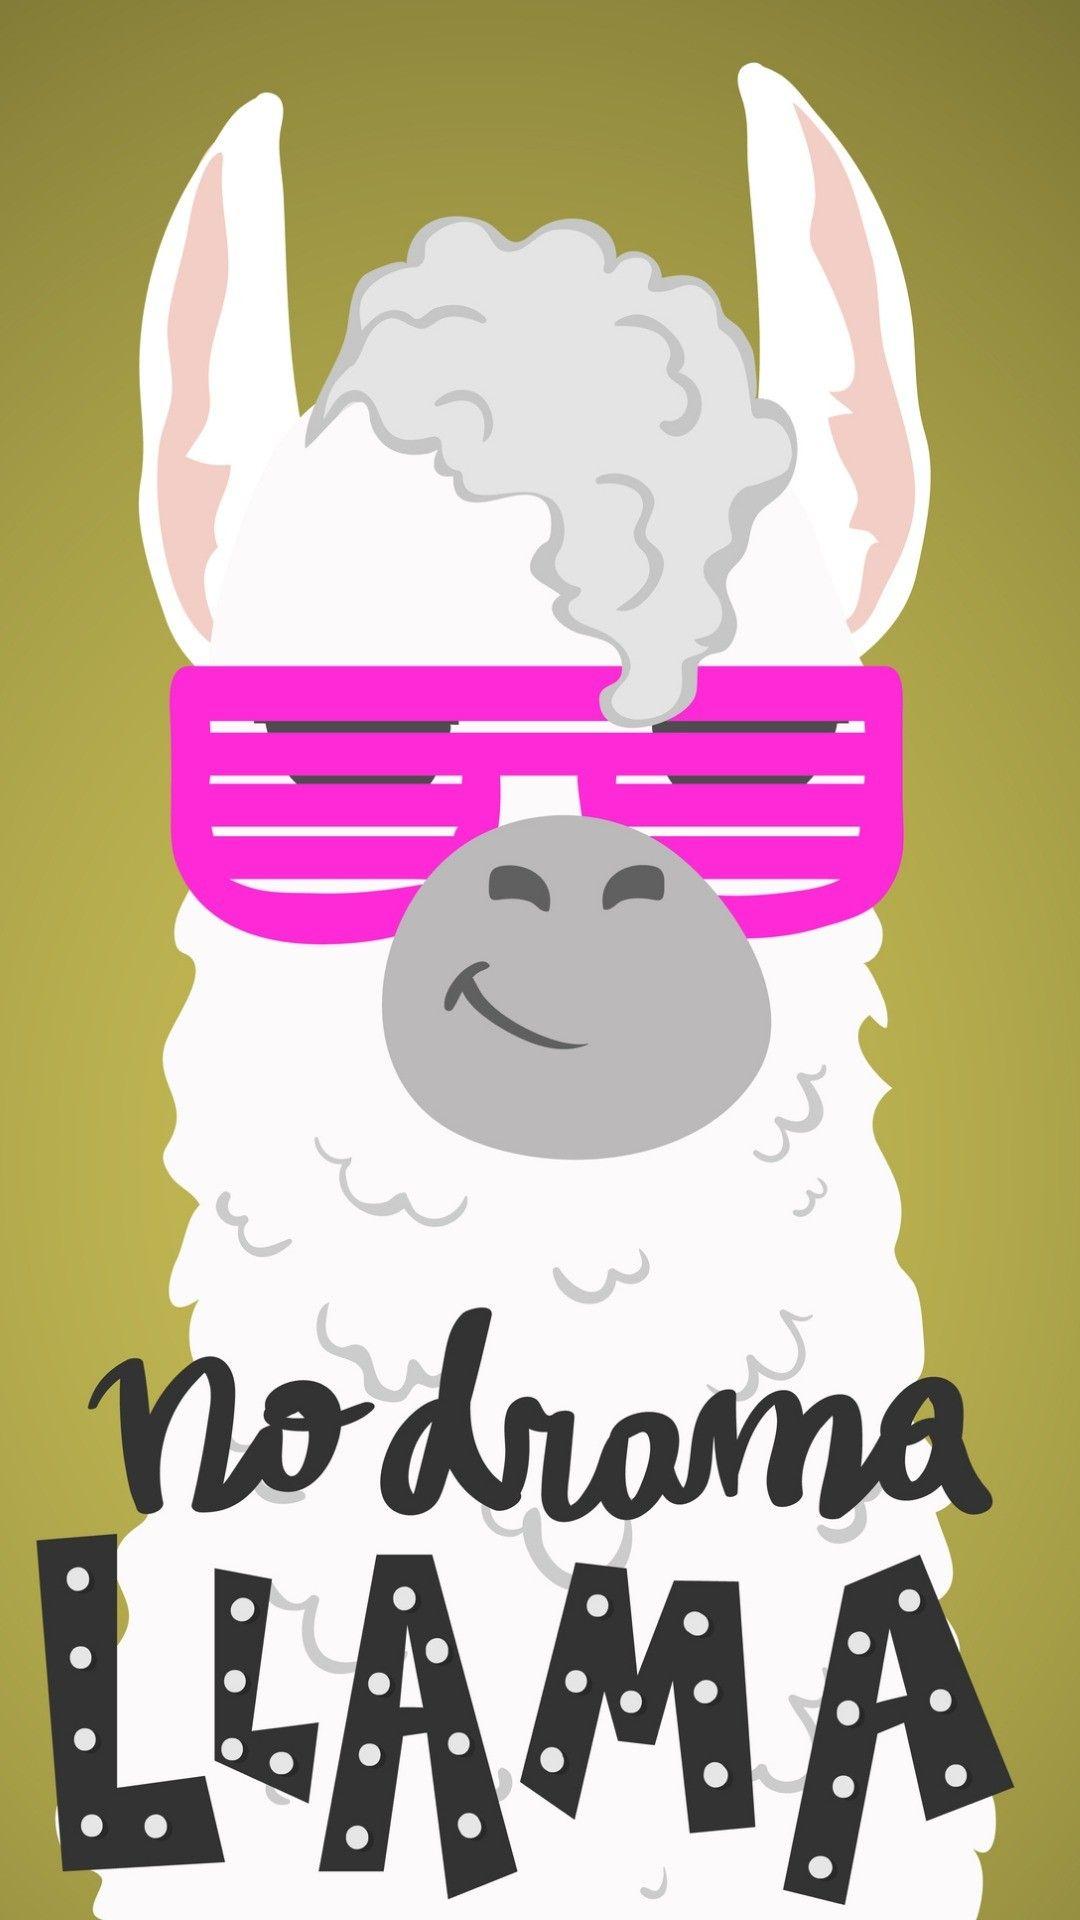 No drama llama wallpaper Cute wallpapers Llama drama Cute 1080x1920